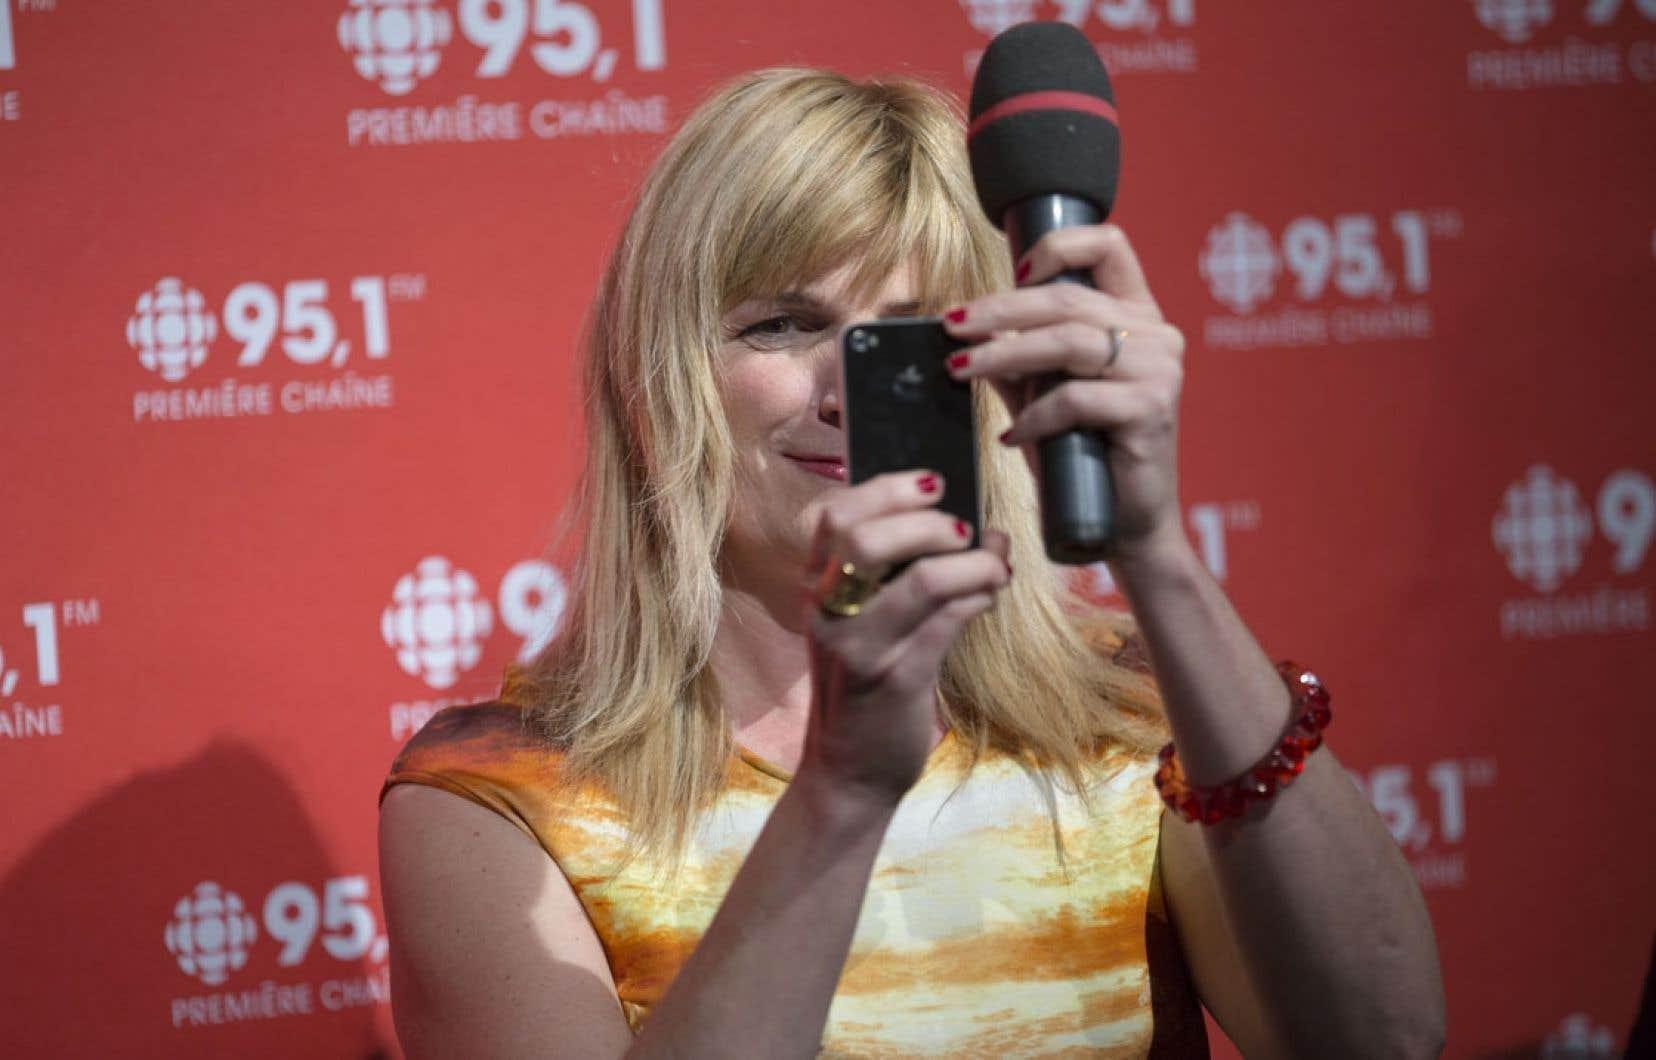 Marie-France Bazzo a dit vouloir être branchée sur le Grand Montréal et favoriser l'interactivité - « ça va twitter », a-t-elle soutenu - pour sa nouvelle émission matinale, en ondes dès septembre.